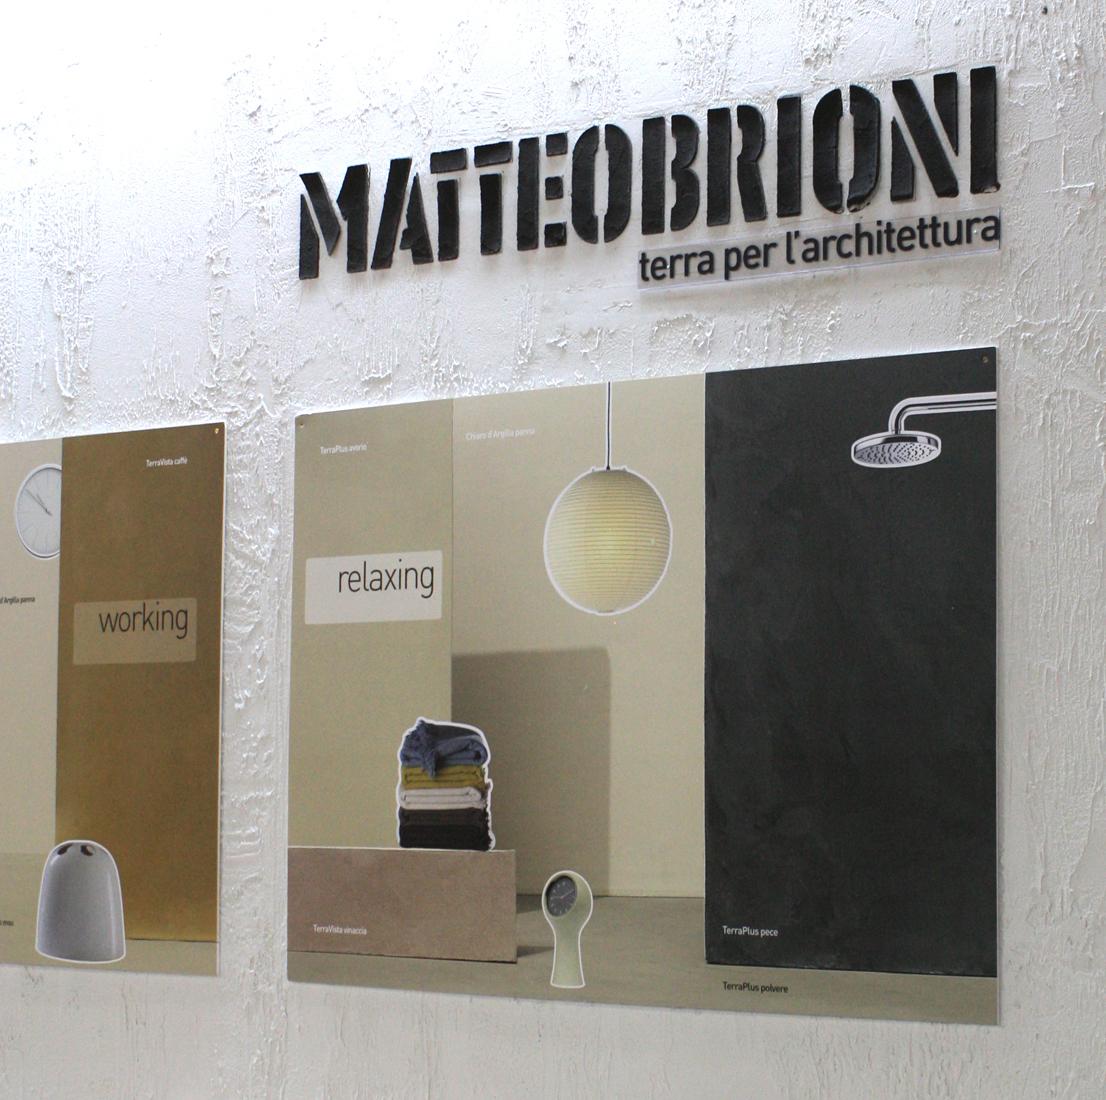 Metteo Brioni, design di Studio Irvine, Bolzano, 2014.